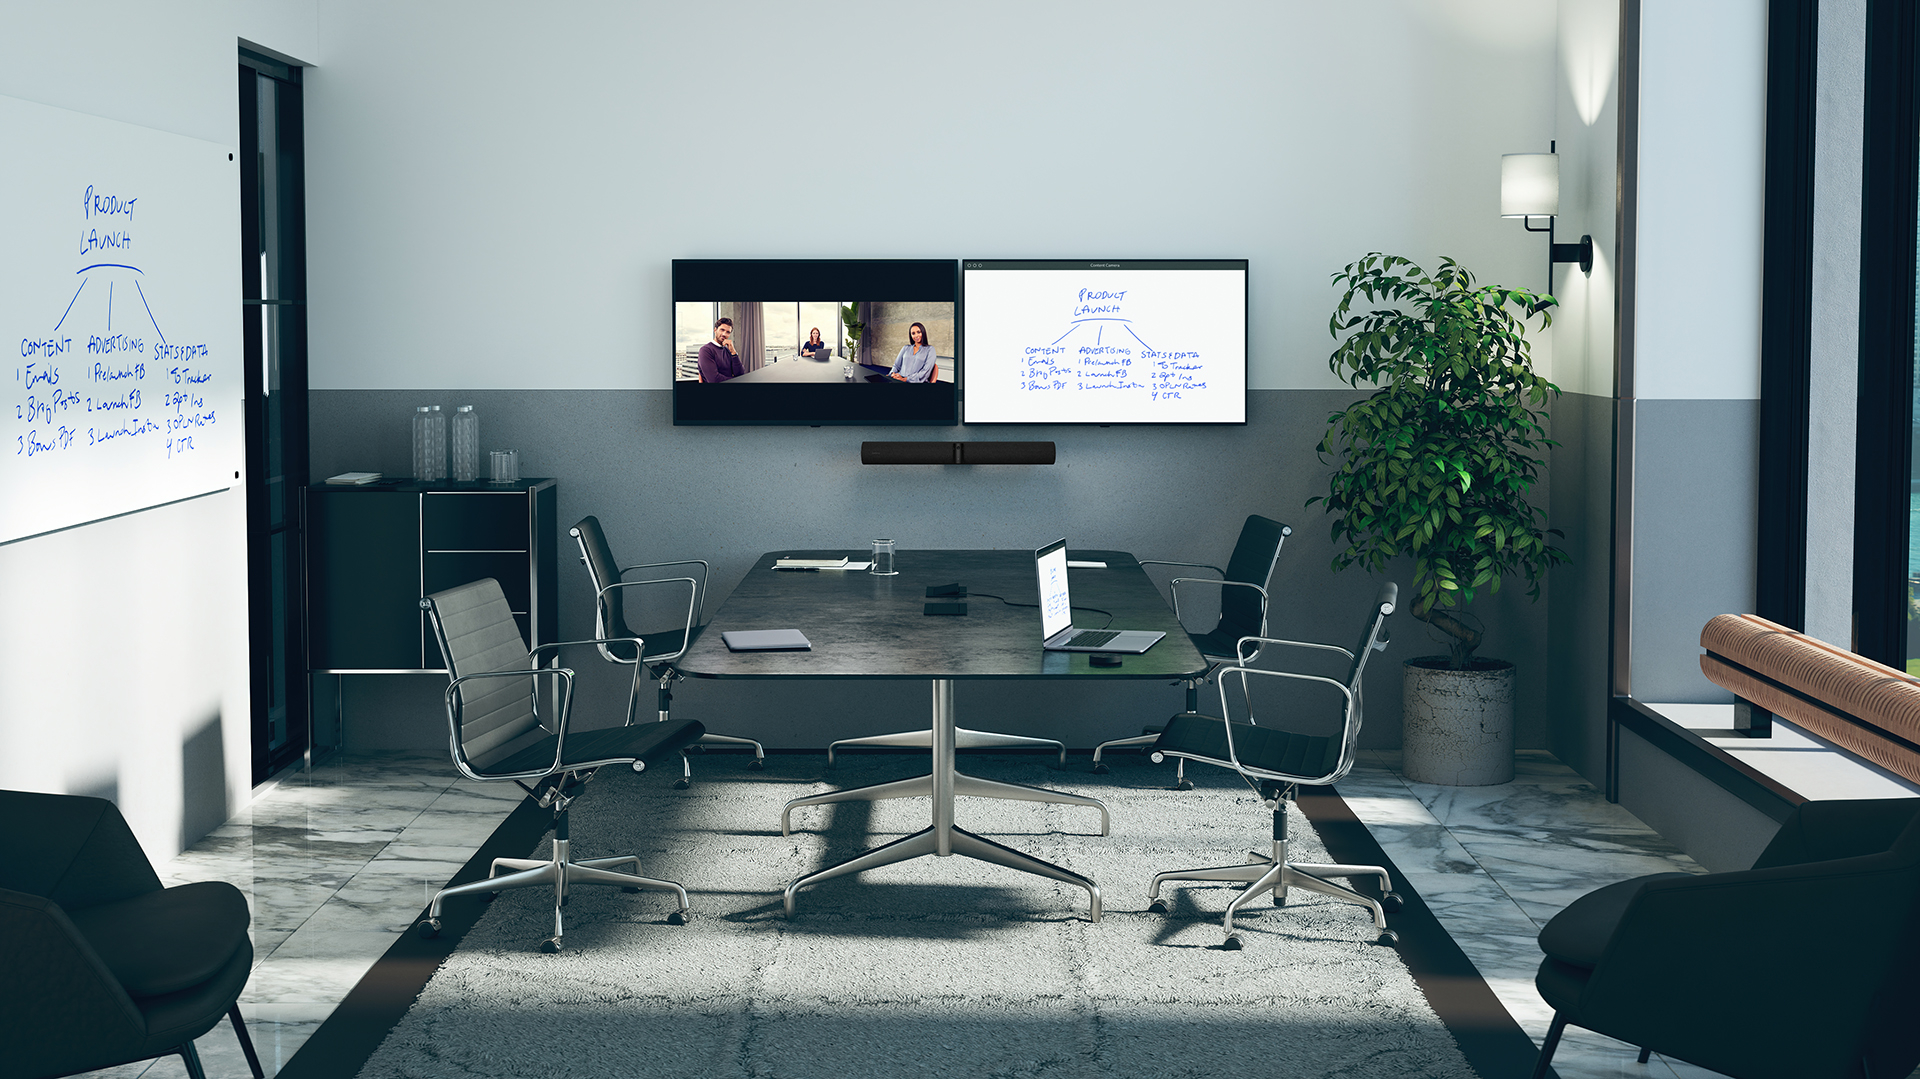 Placez l'humain au cœur de vos réunions virtuelles